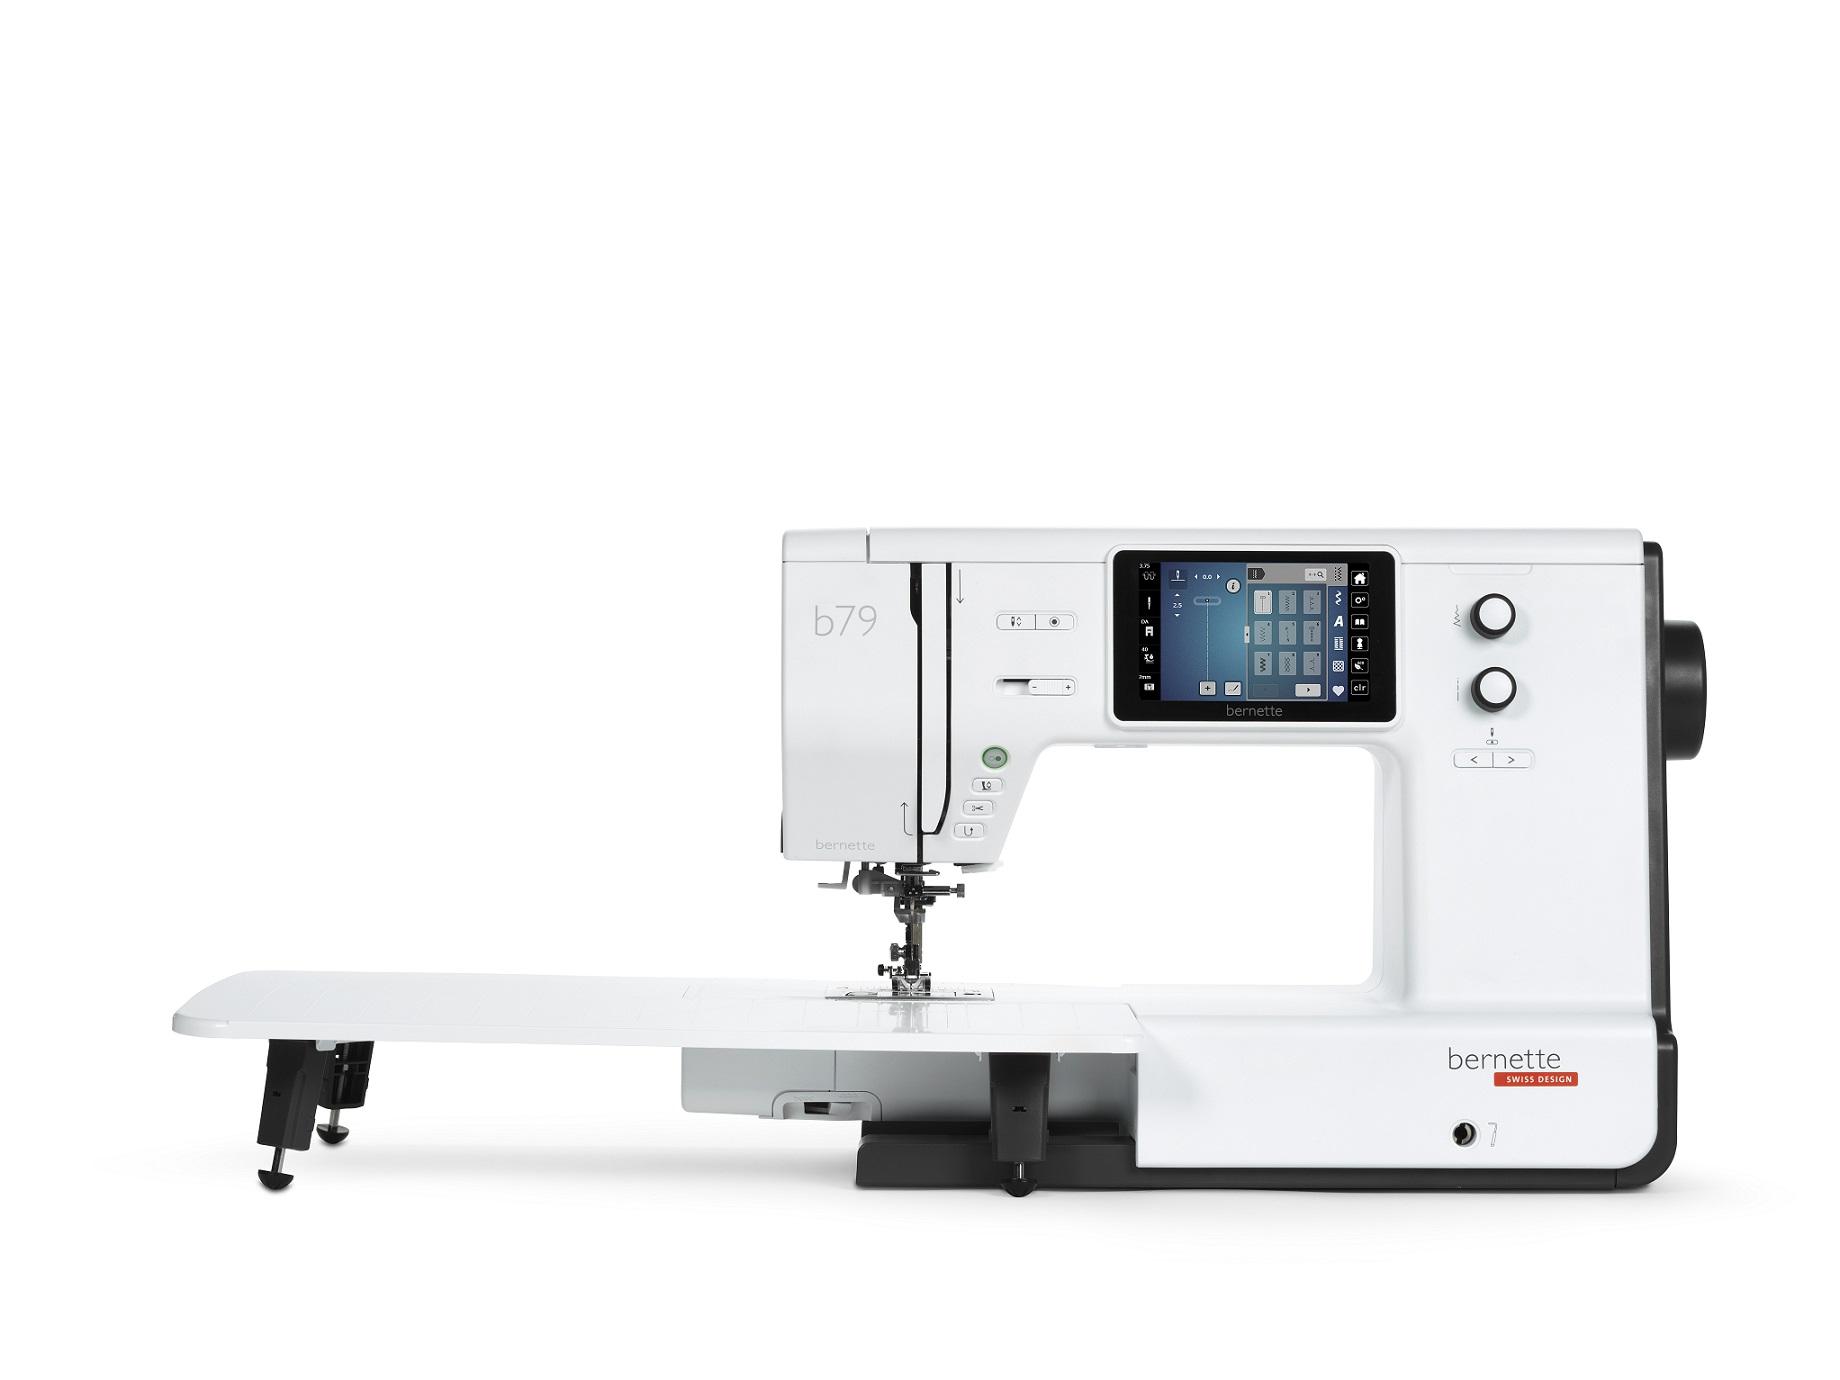 šicí a vyšívací stroj Bernette 79-3